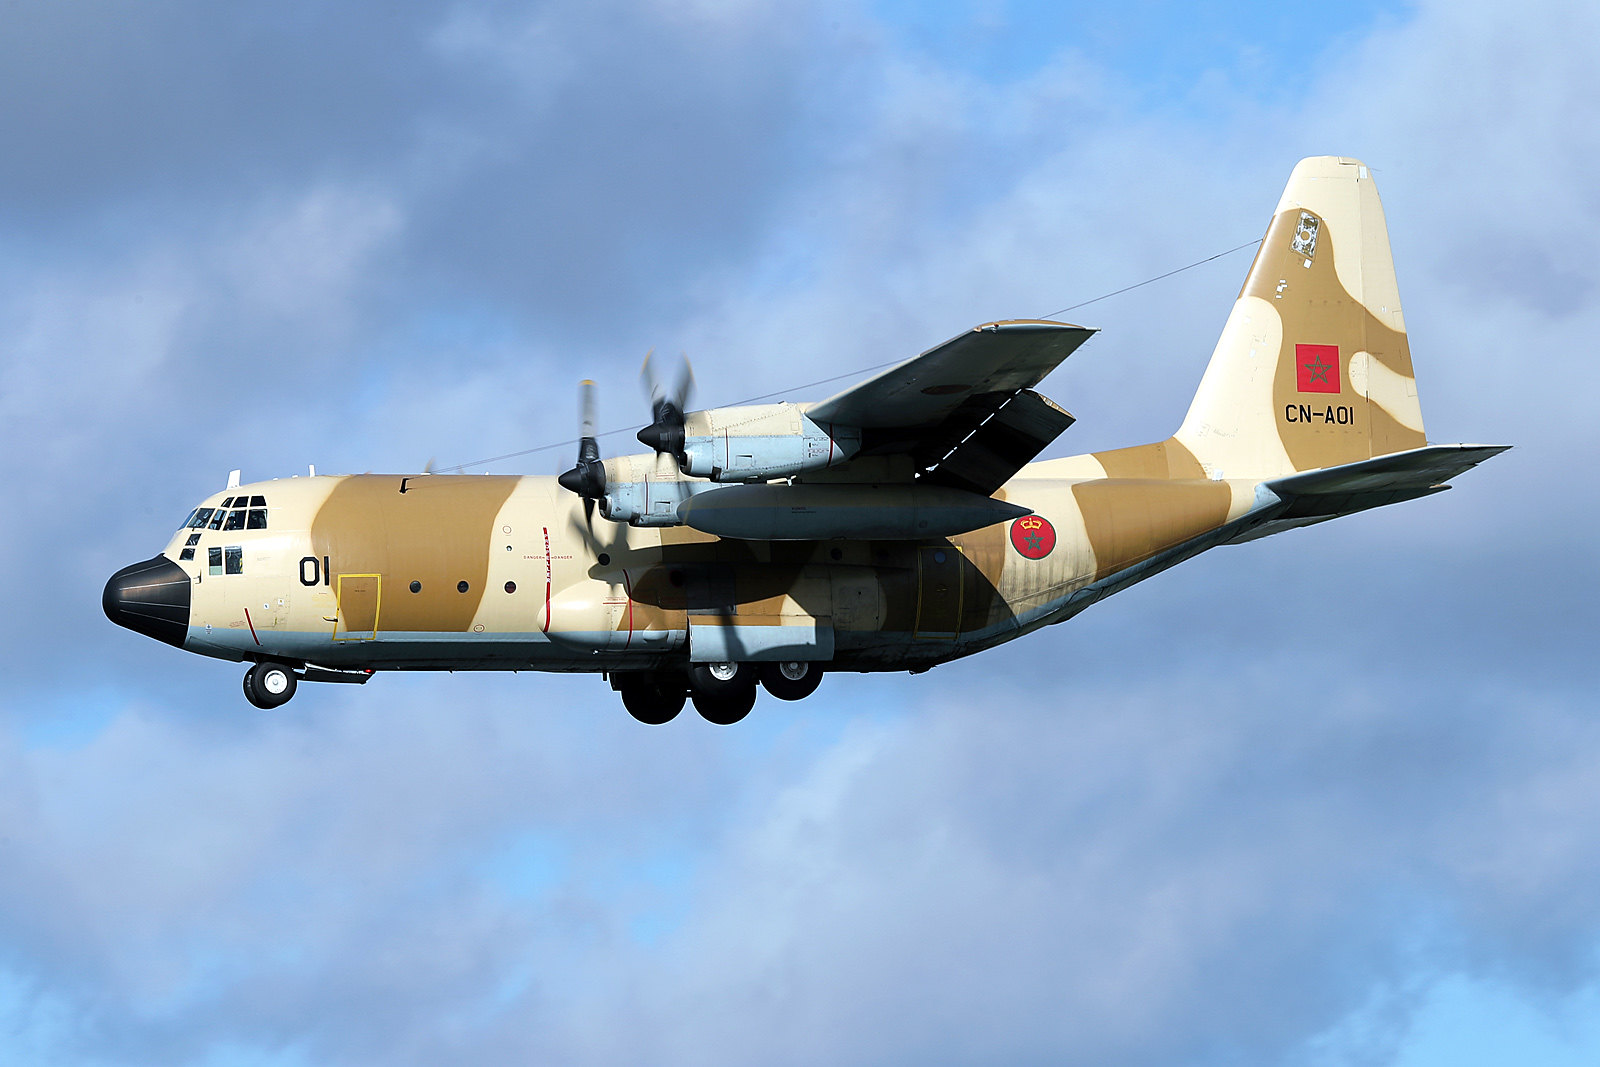 FRA: Photos d'avions de transport - Page 38 49028811493_fc31c9d115_h